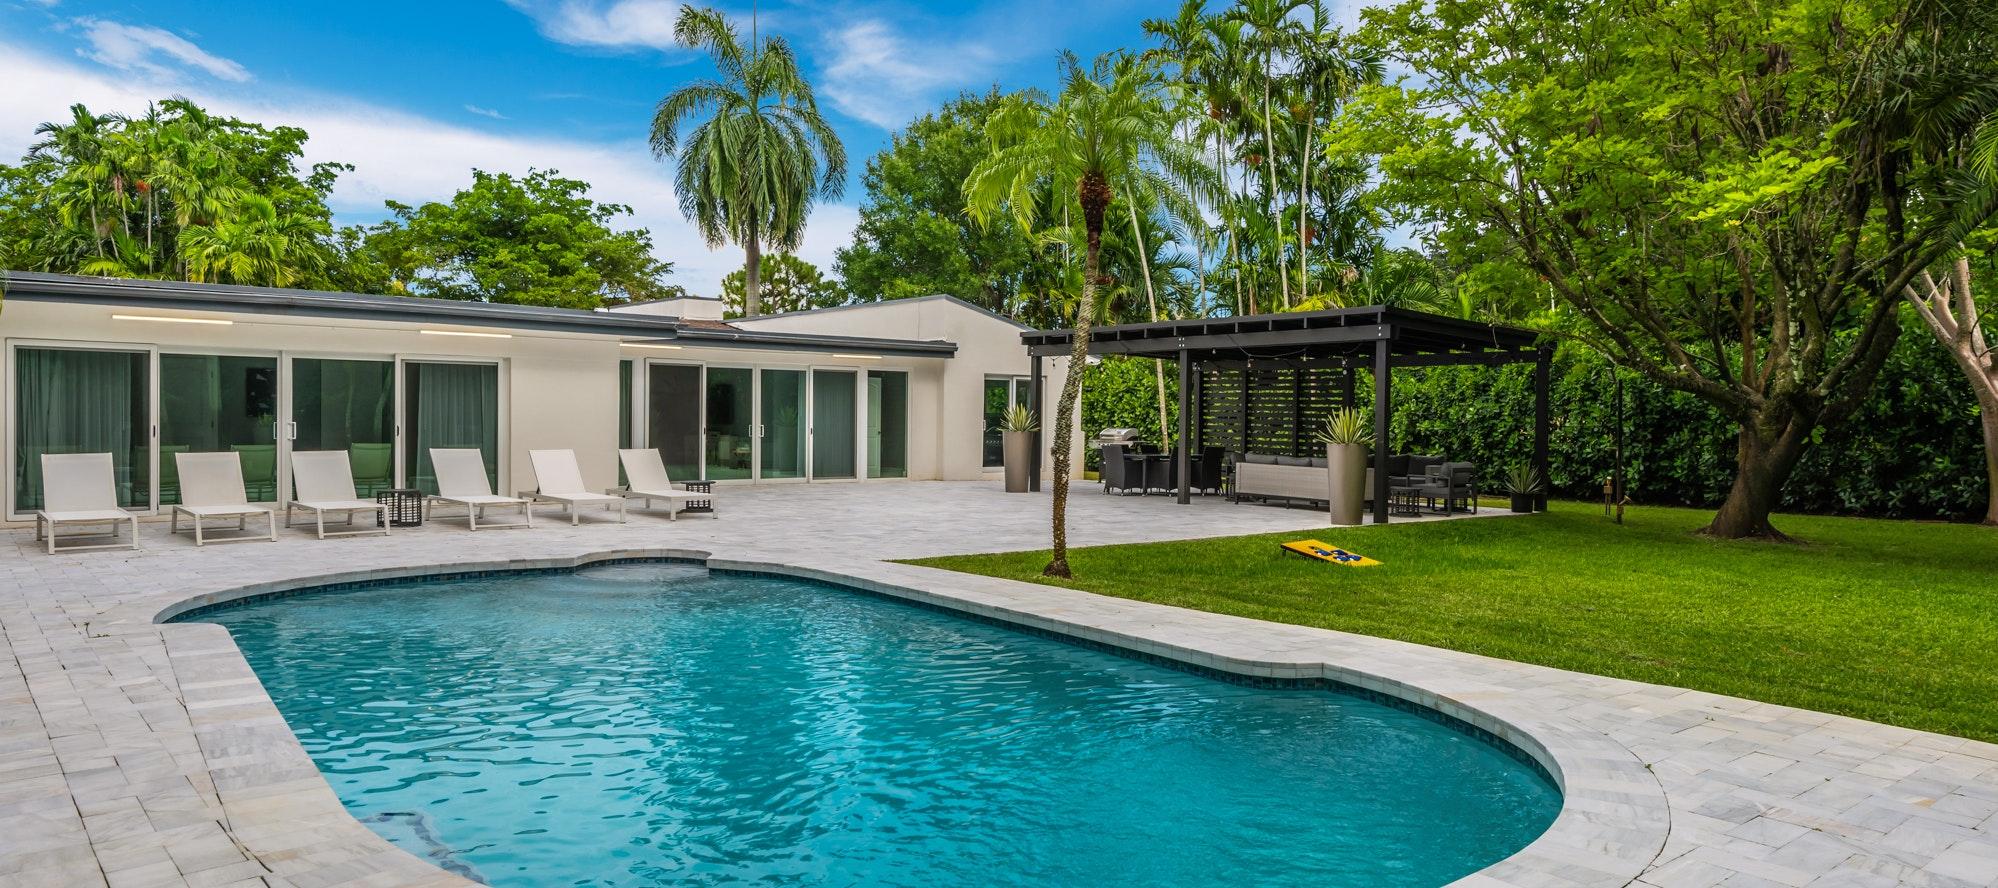 Villa Glades luxury rental in Golden Glades